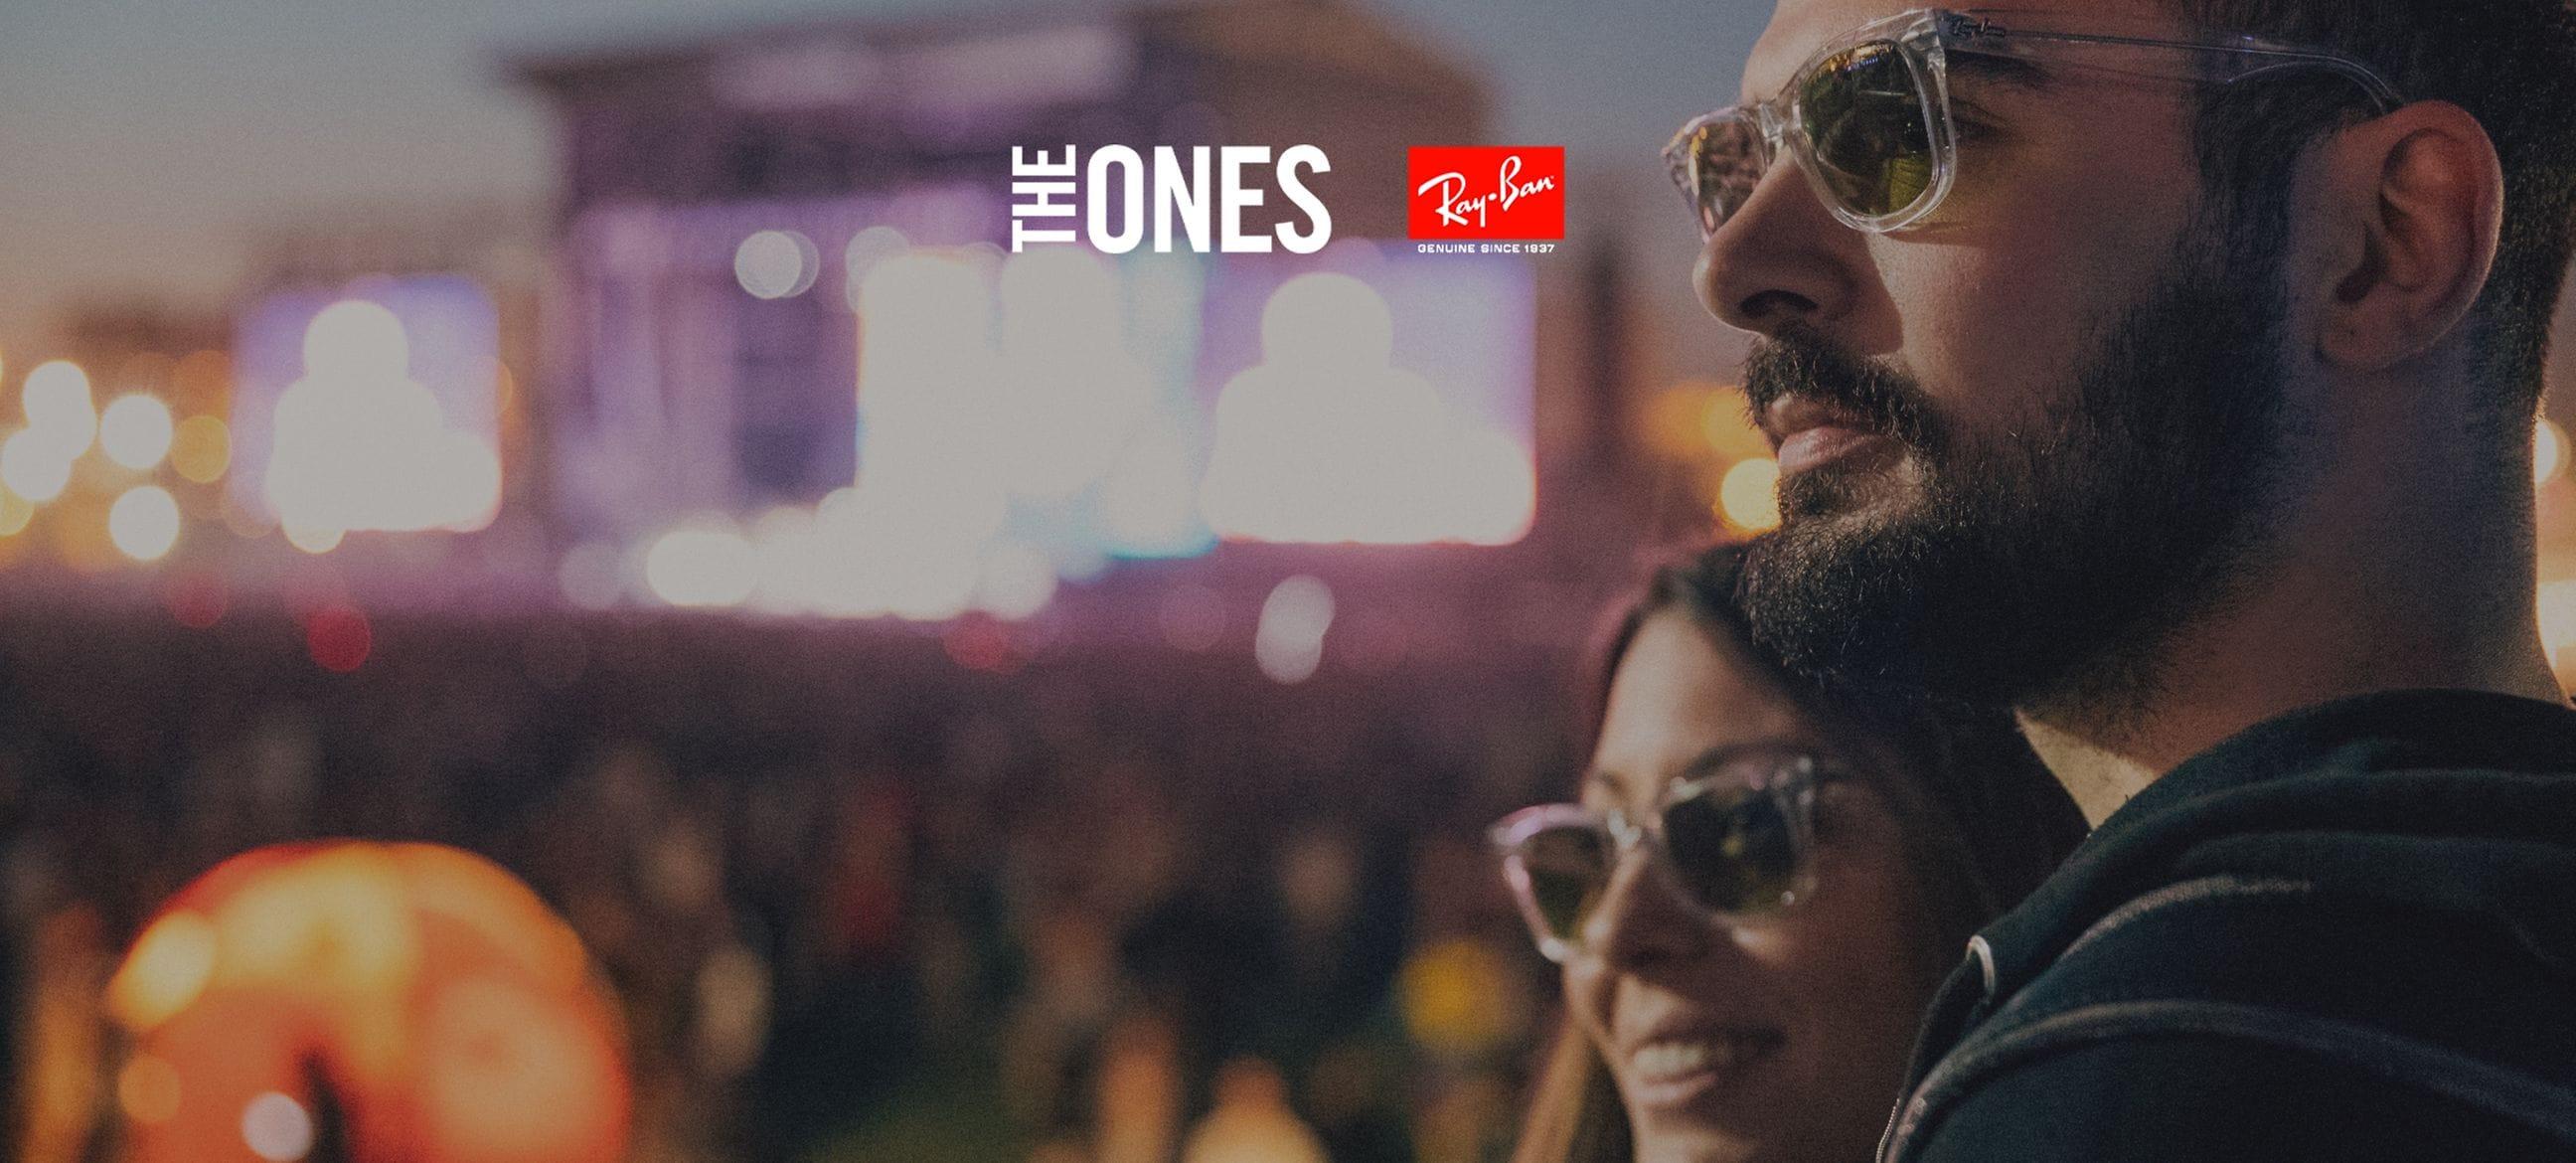 Maak een account aan om deel te nemen aan het loyaliteitsprogramma van The Ones.